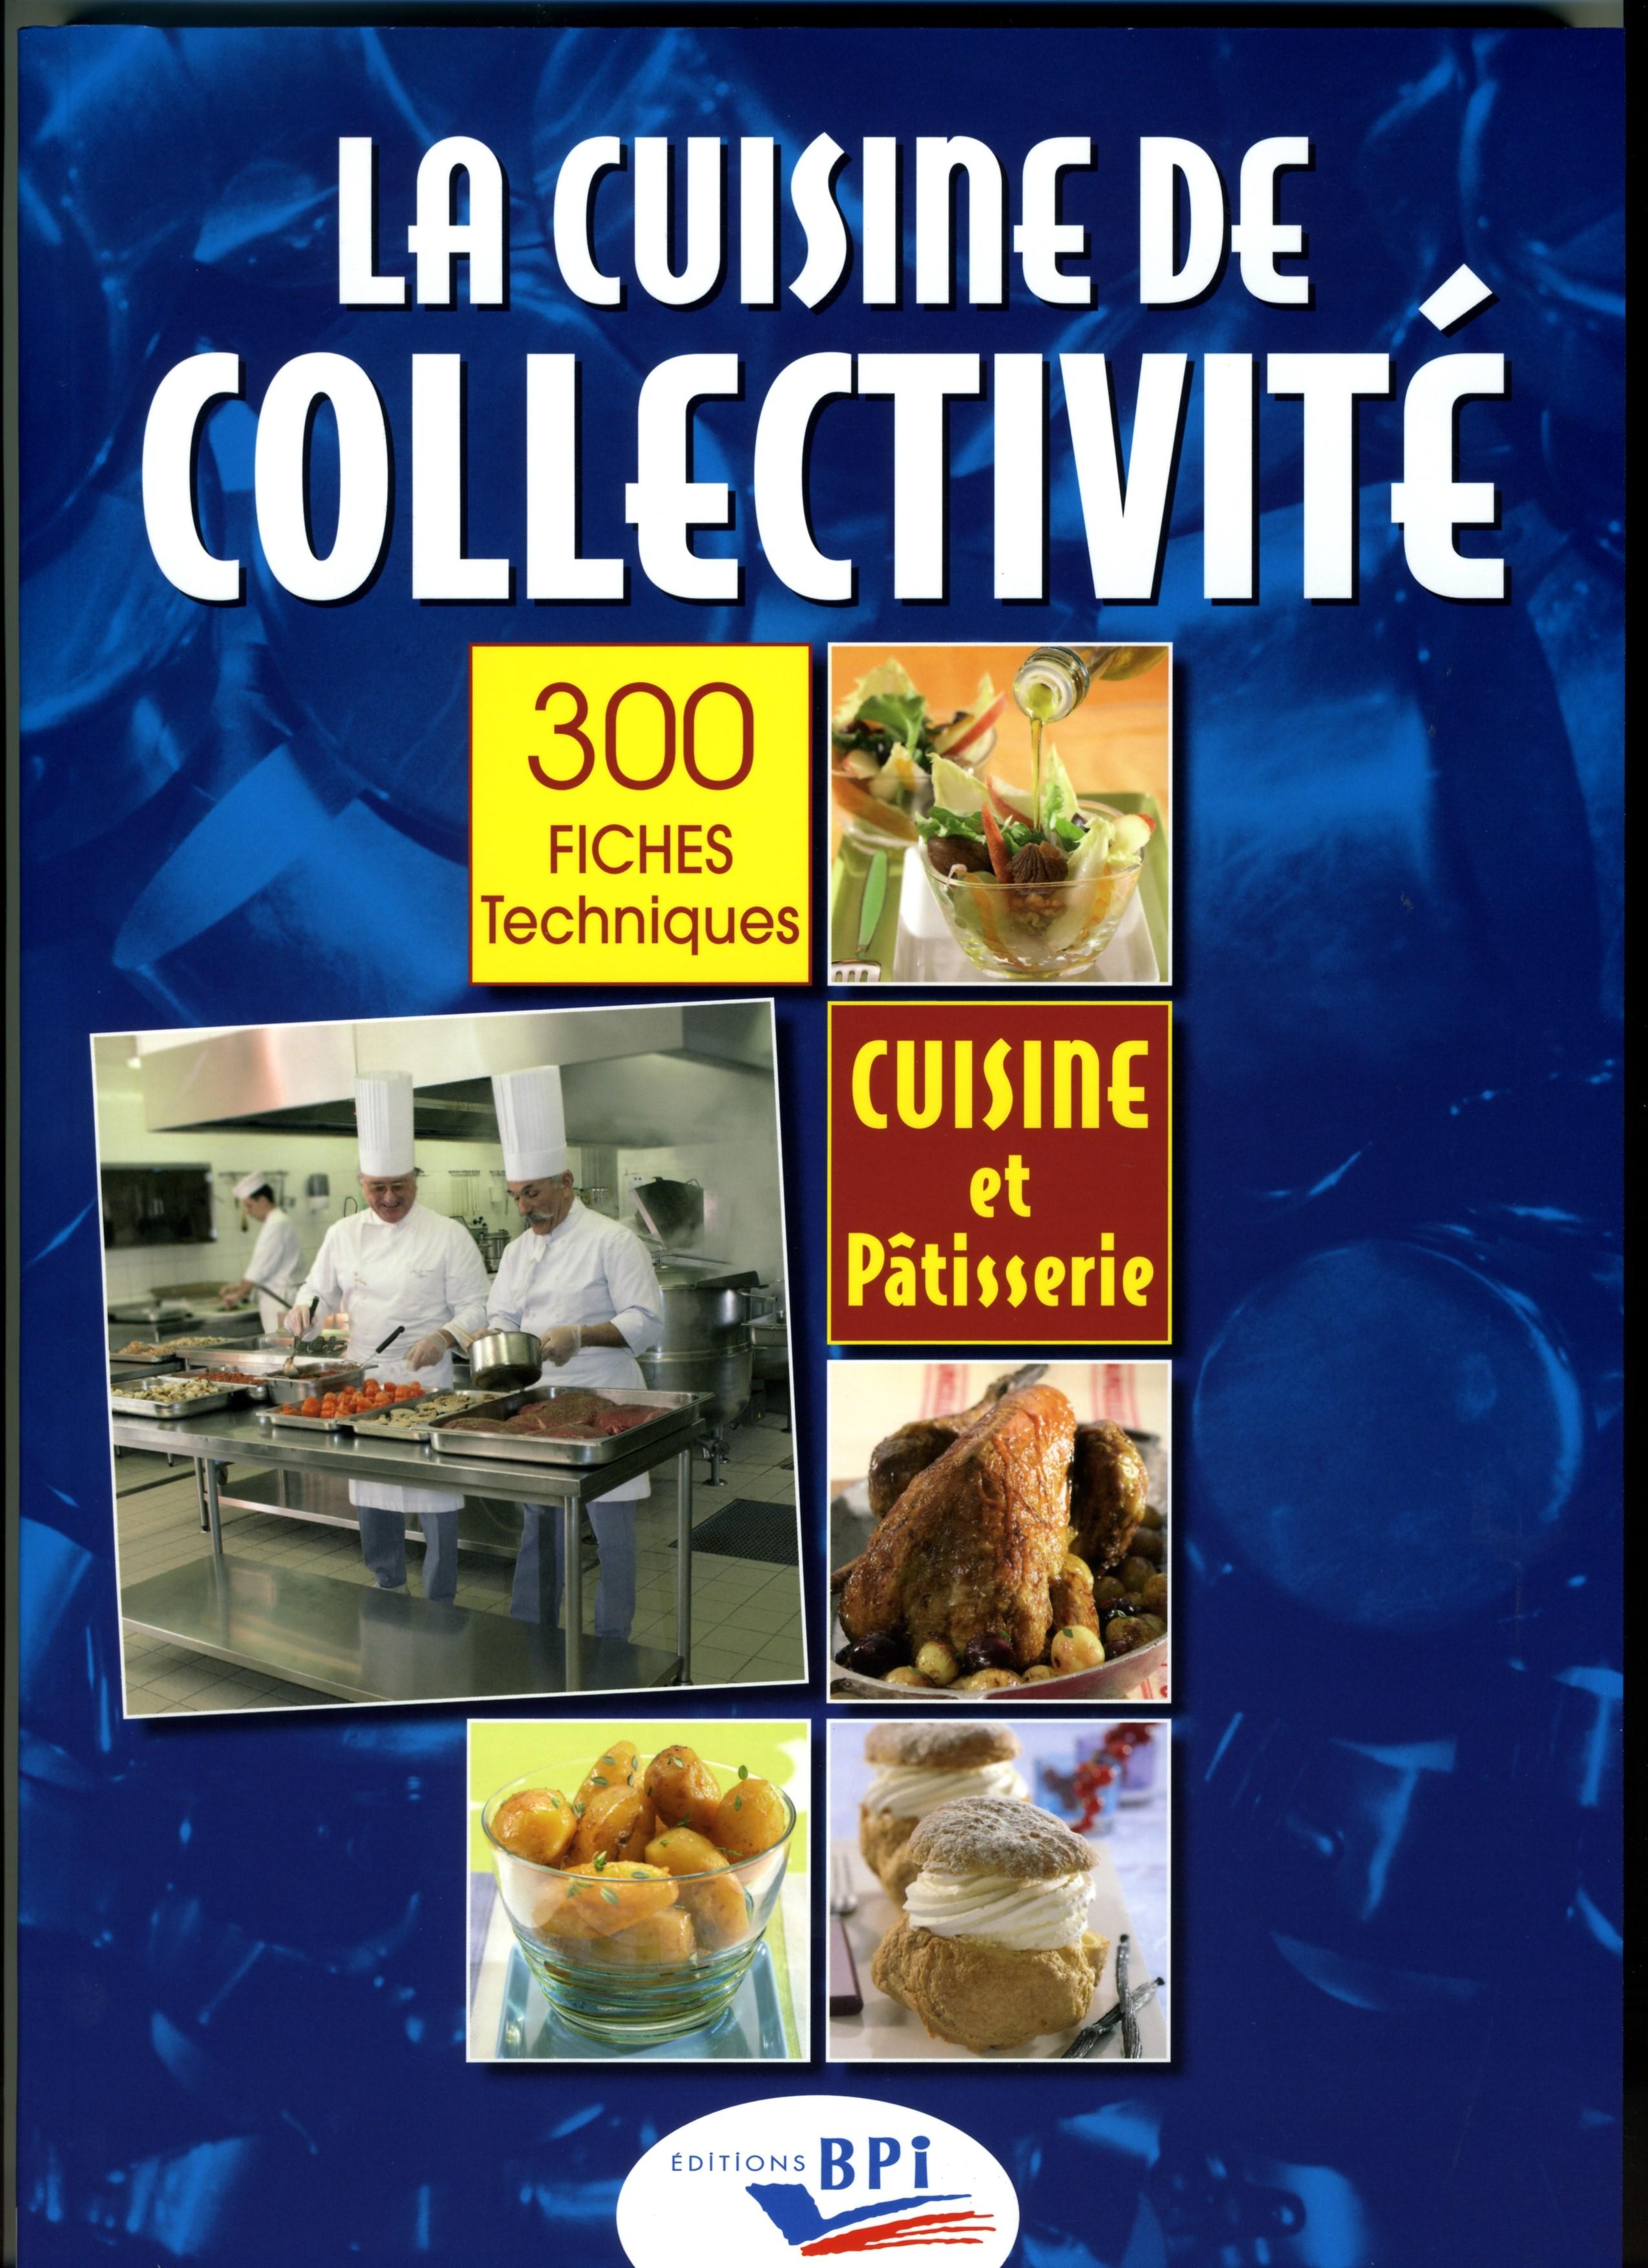 la cuisine de collectivit 300 fiches techniques cuisine et p tisserie grossmann a. Black Bedroom Furniture Sets. Home Design Ideas